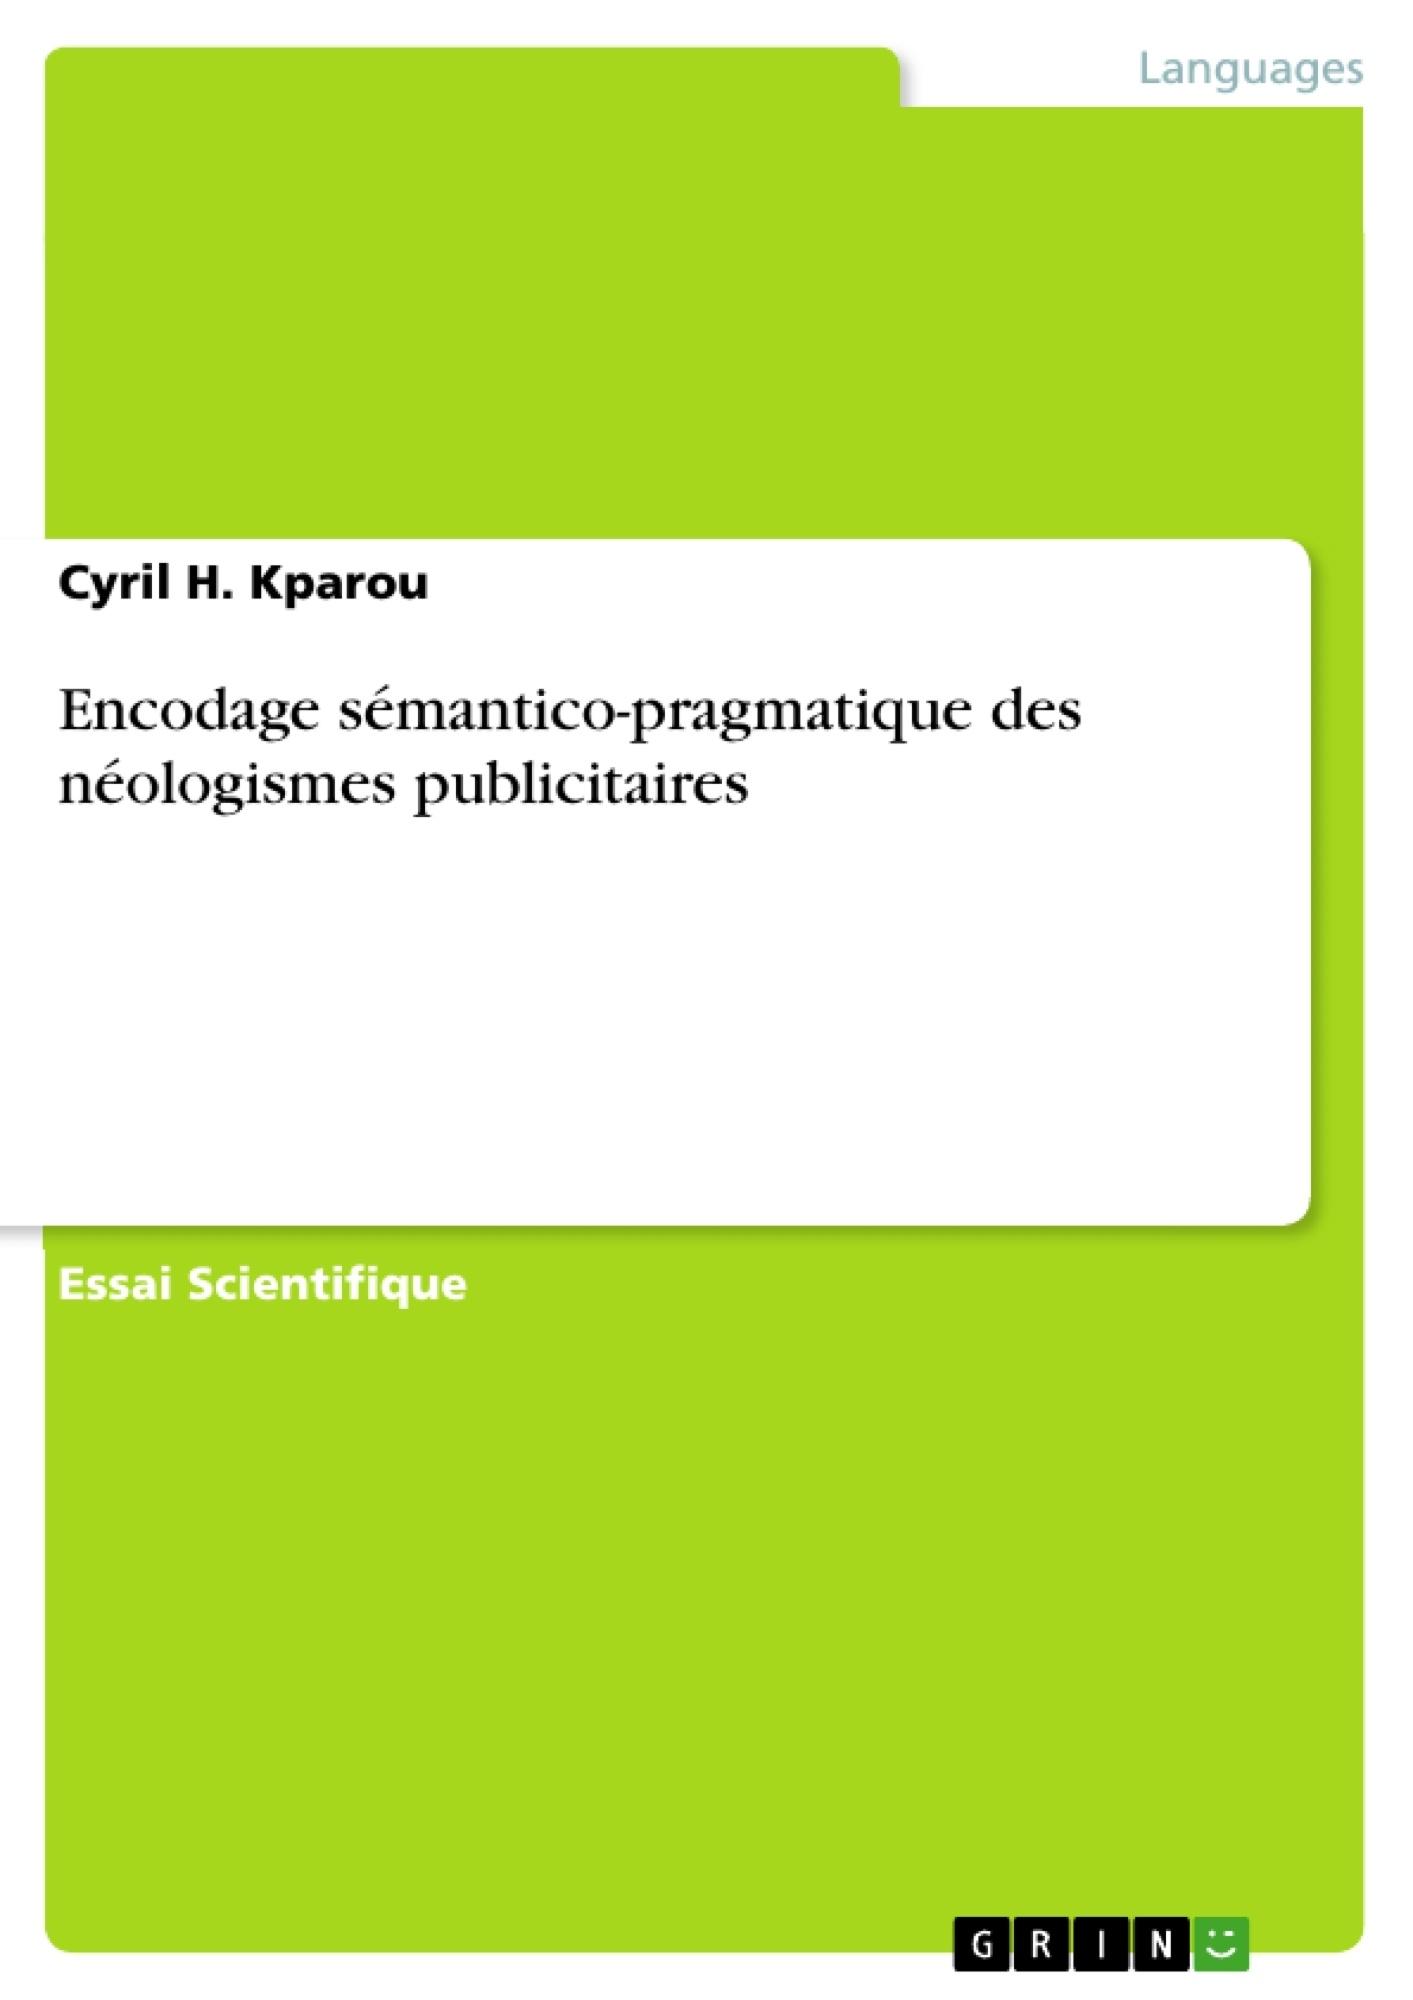 Titre: Encodage sémantico-pragmatique des néologismes publicitaires